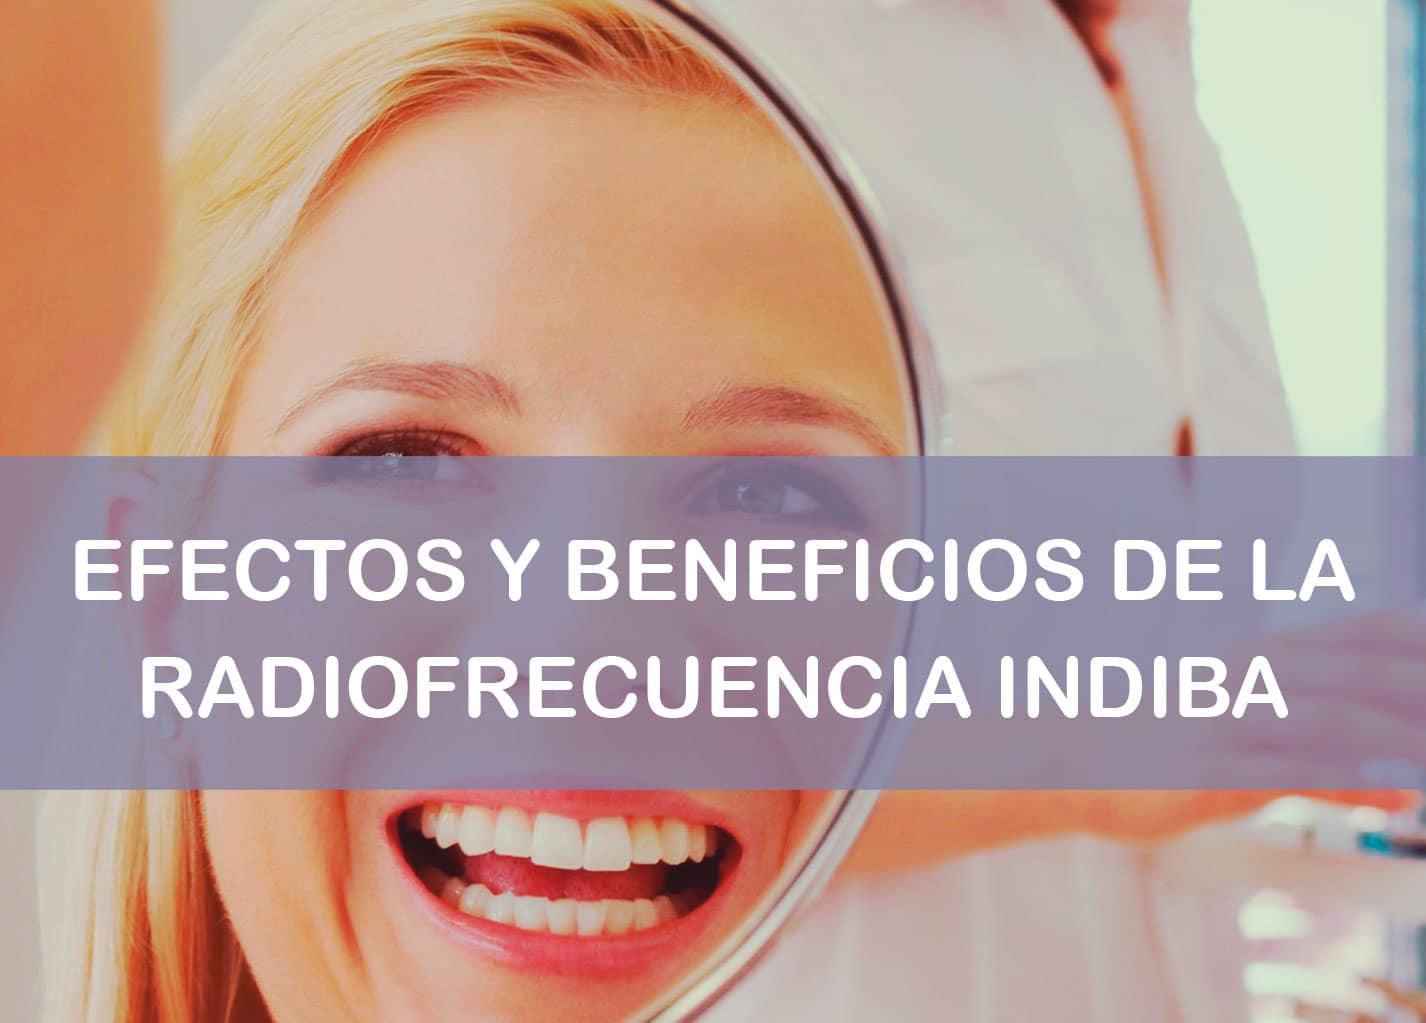 radiofrecuencia indiba beneficios y efectos